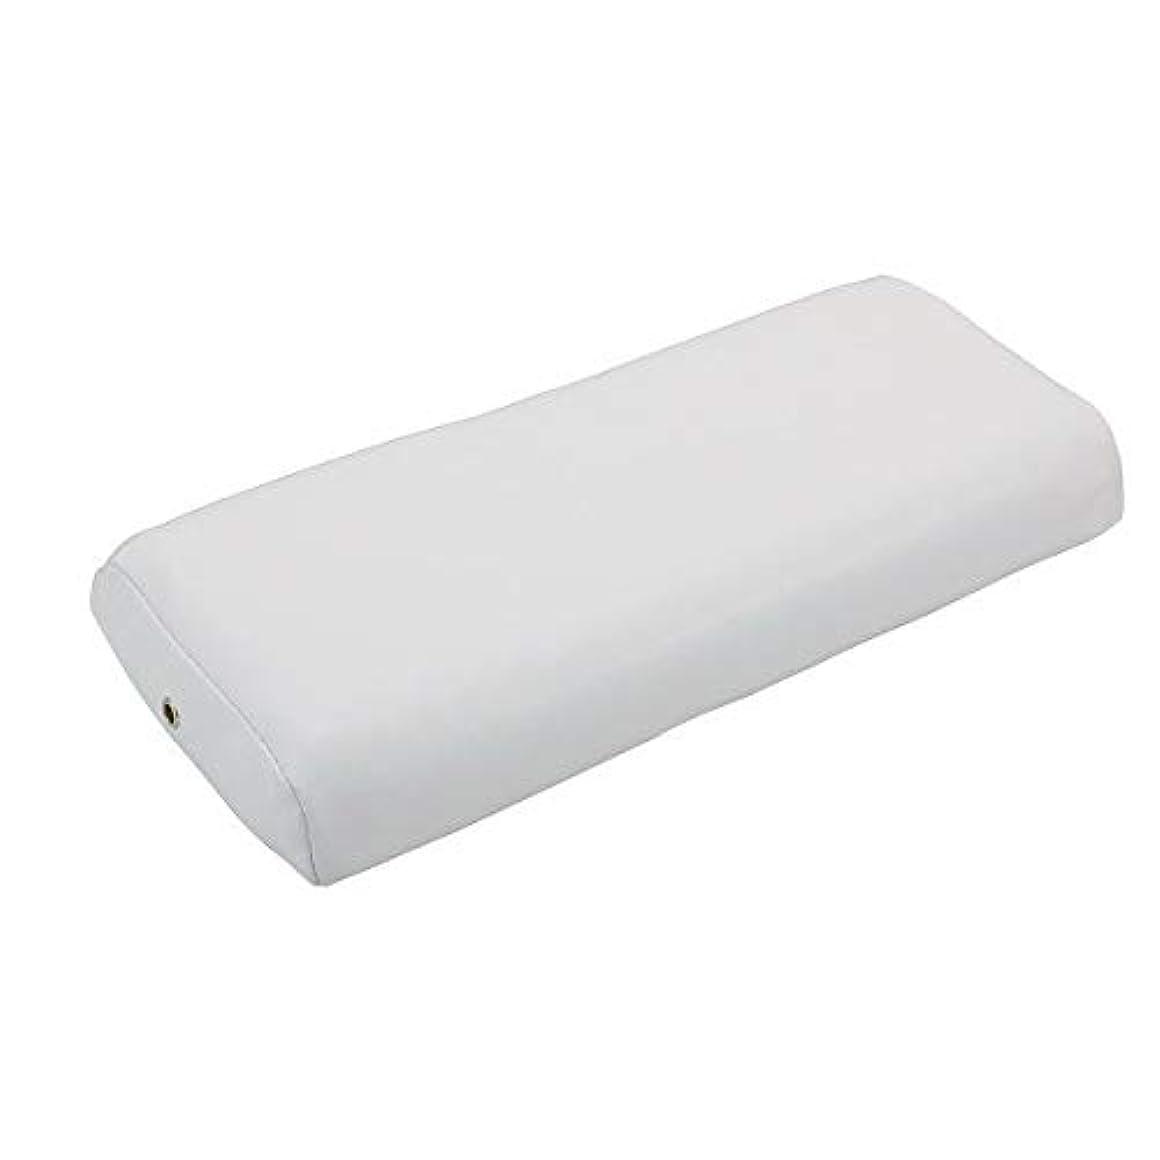 滝相互接続明らかにNEOかどまる枕 FV-921 【 ホワイト 】 フェイスまくら フェイス枕 うつぶせ枕 マッサージ枕